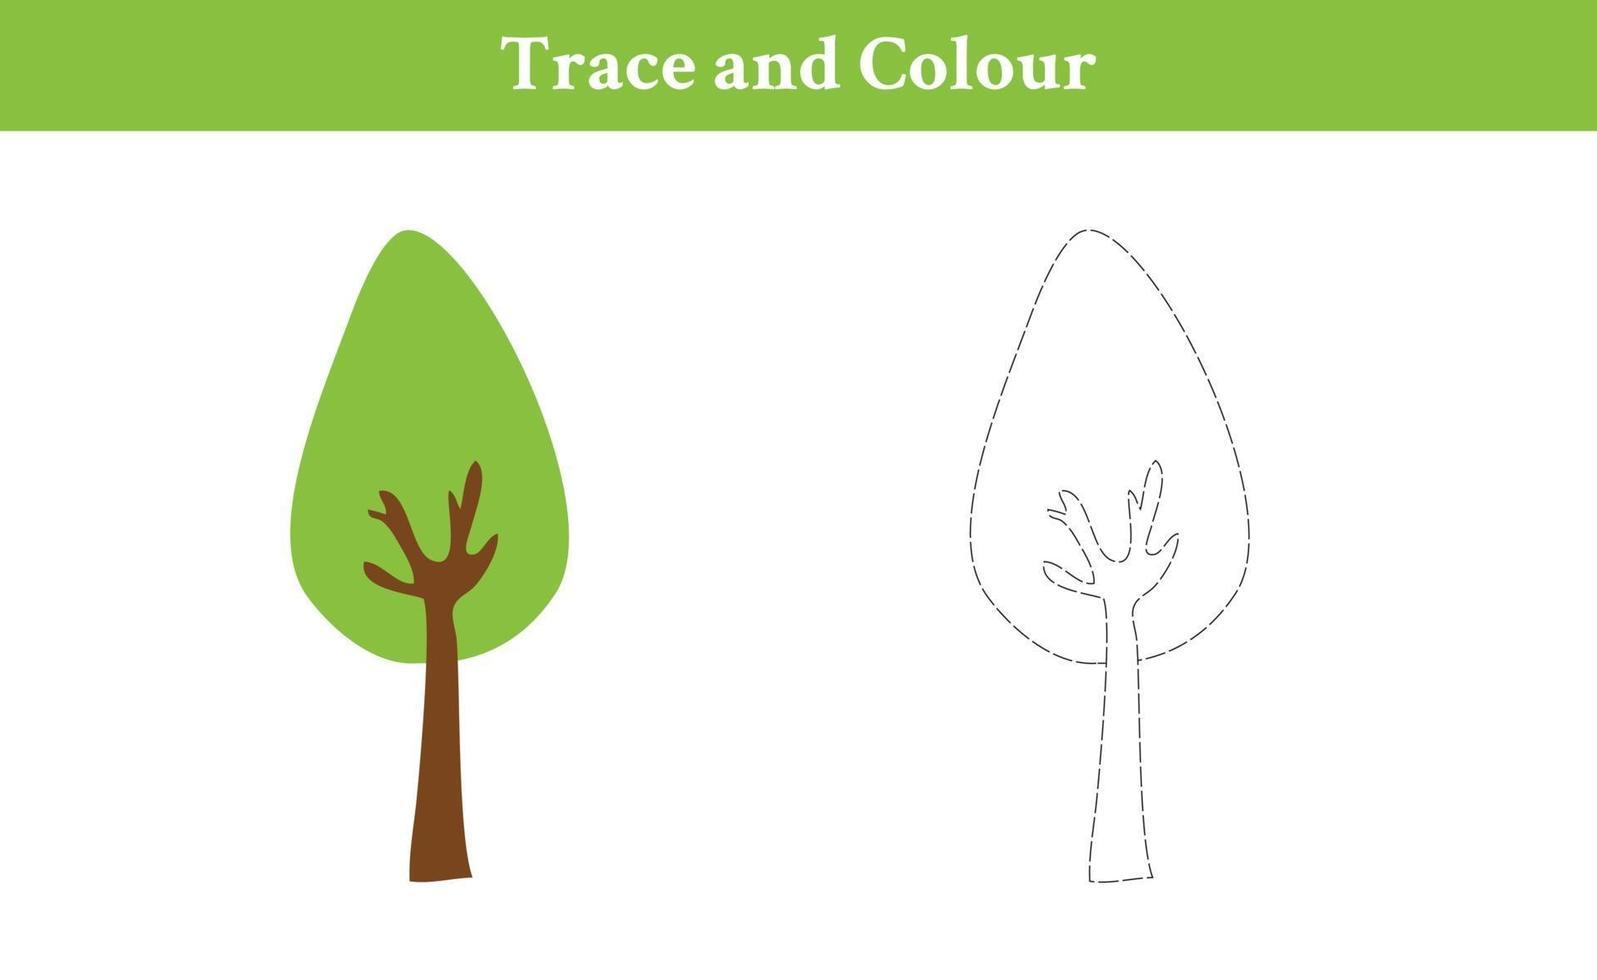 arbre trace et couleur vecteur